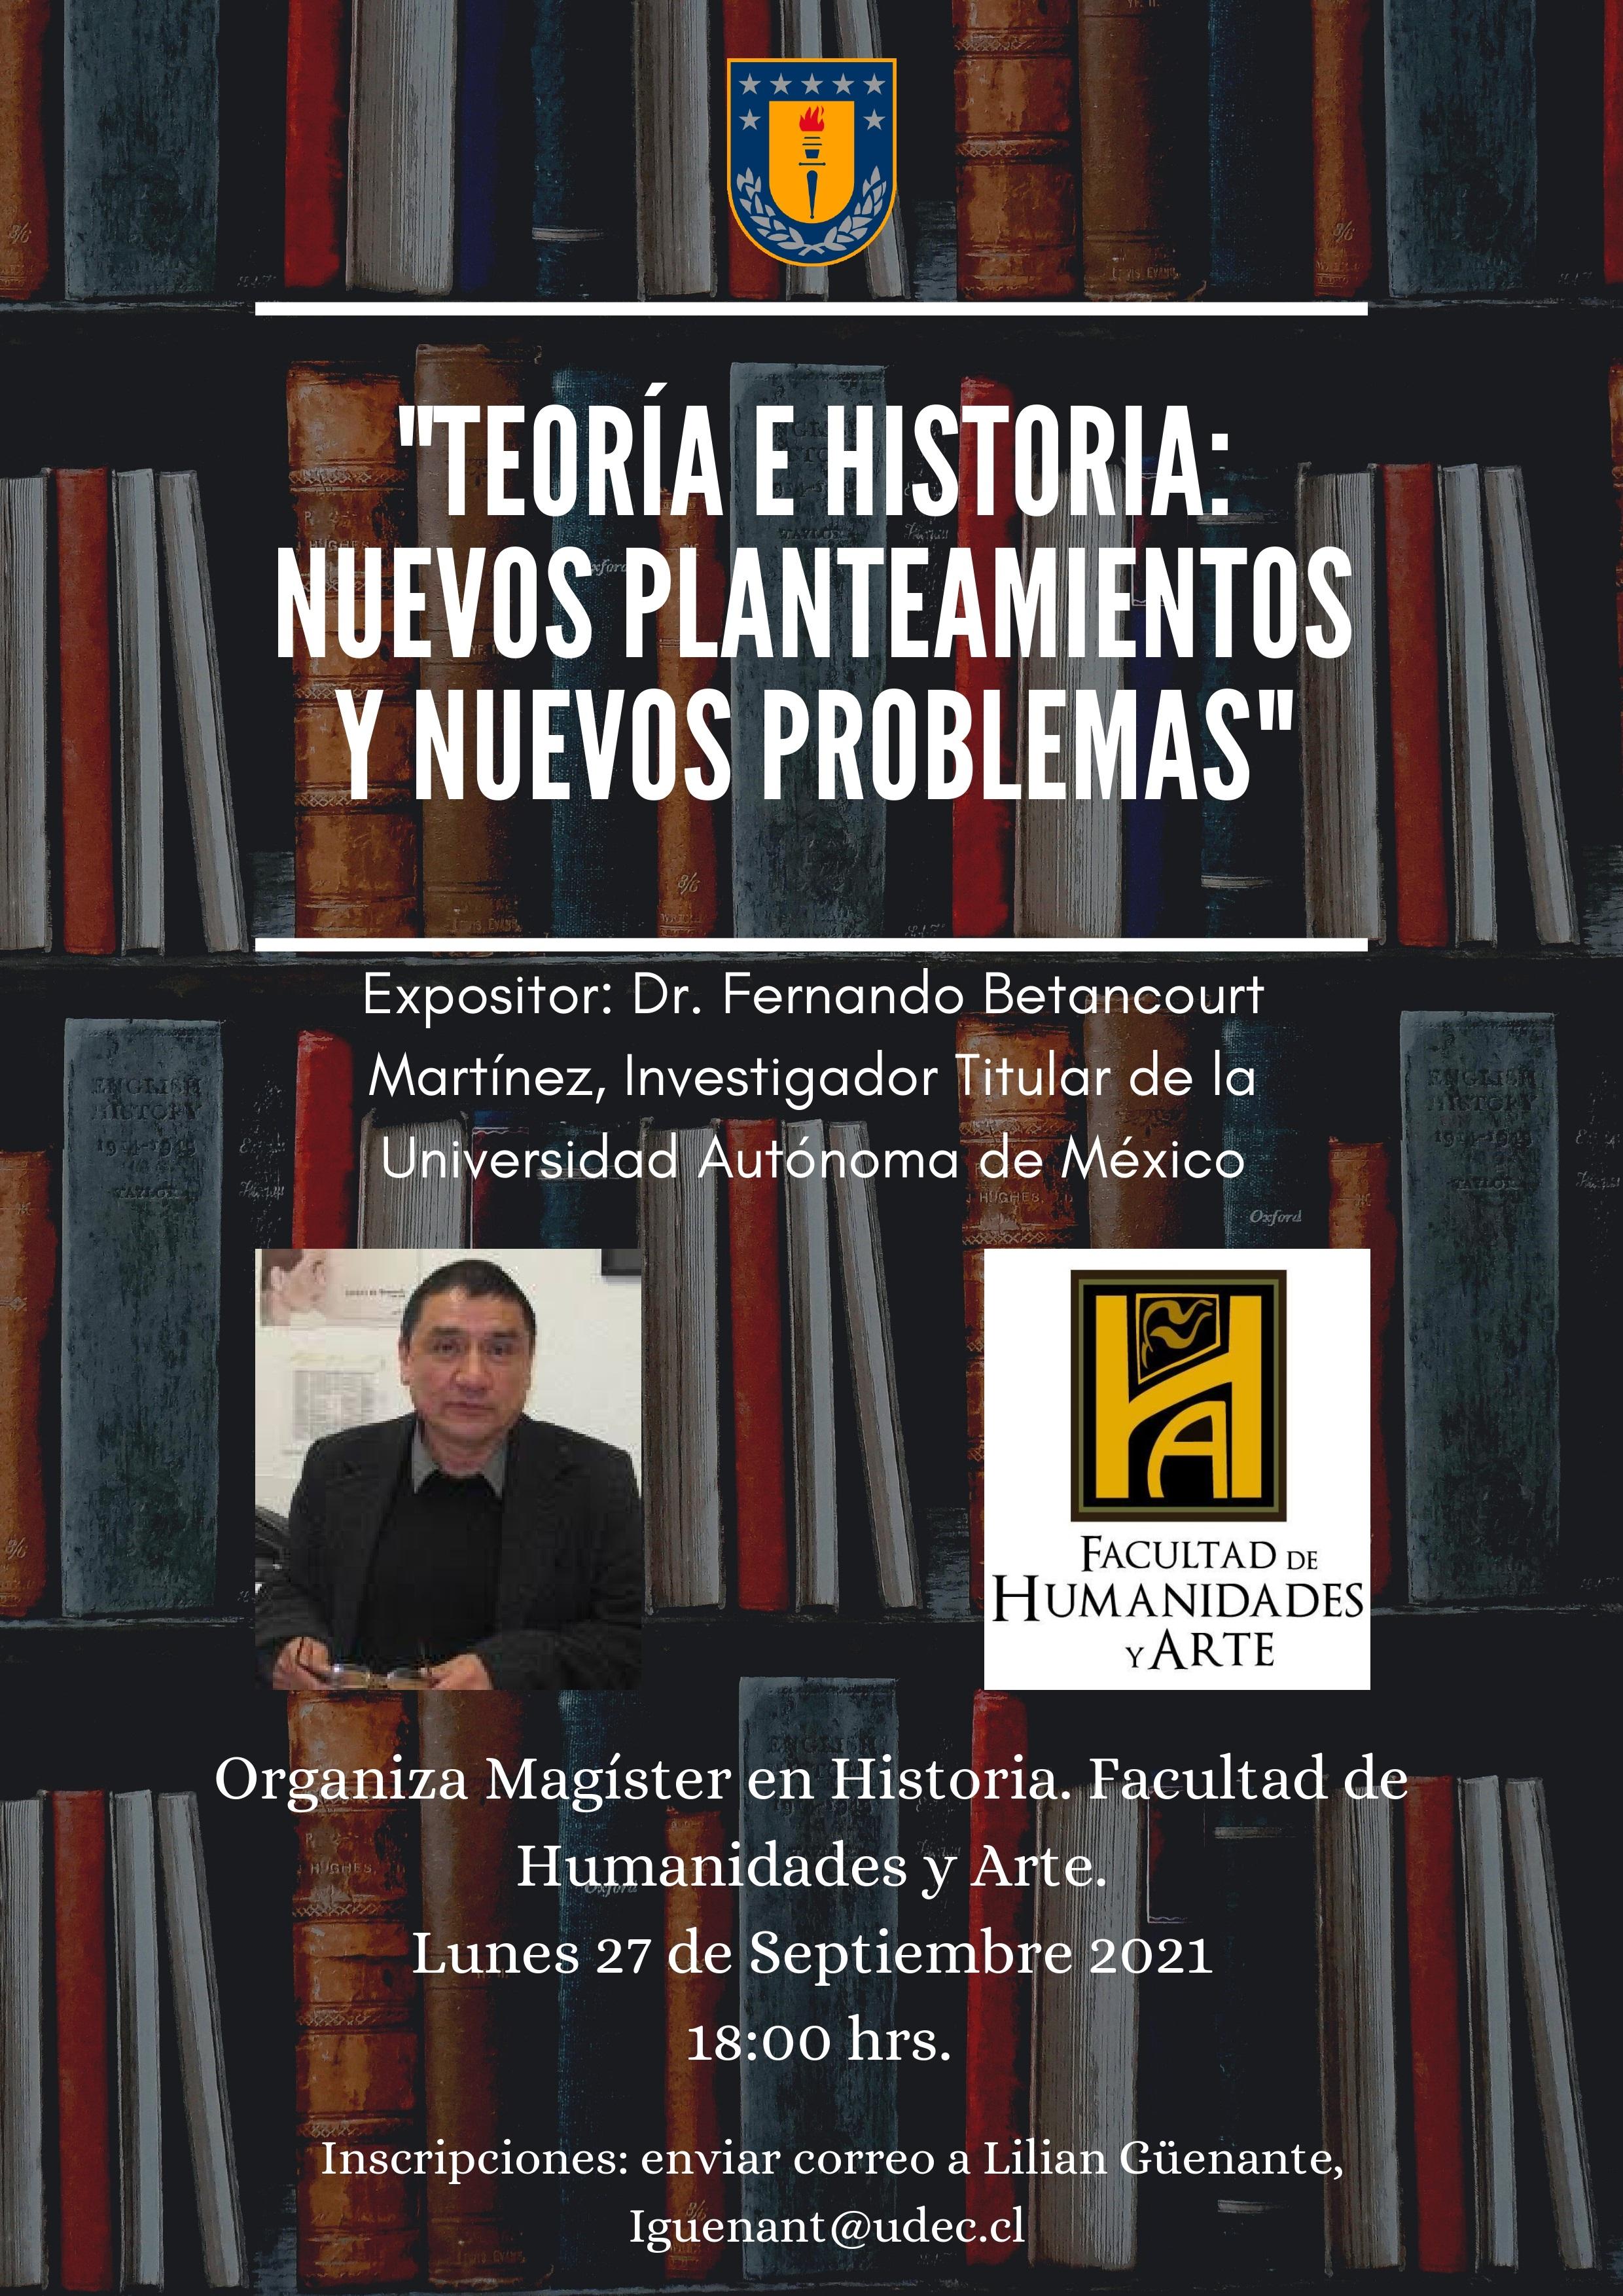 afiche-conferencia-teoria-e-historia-nuevos-planteamientos-y-nuevos-problemas-6_page-0001